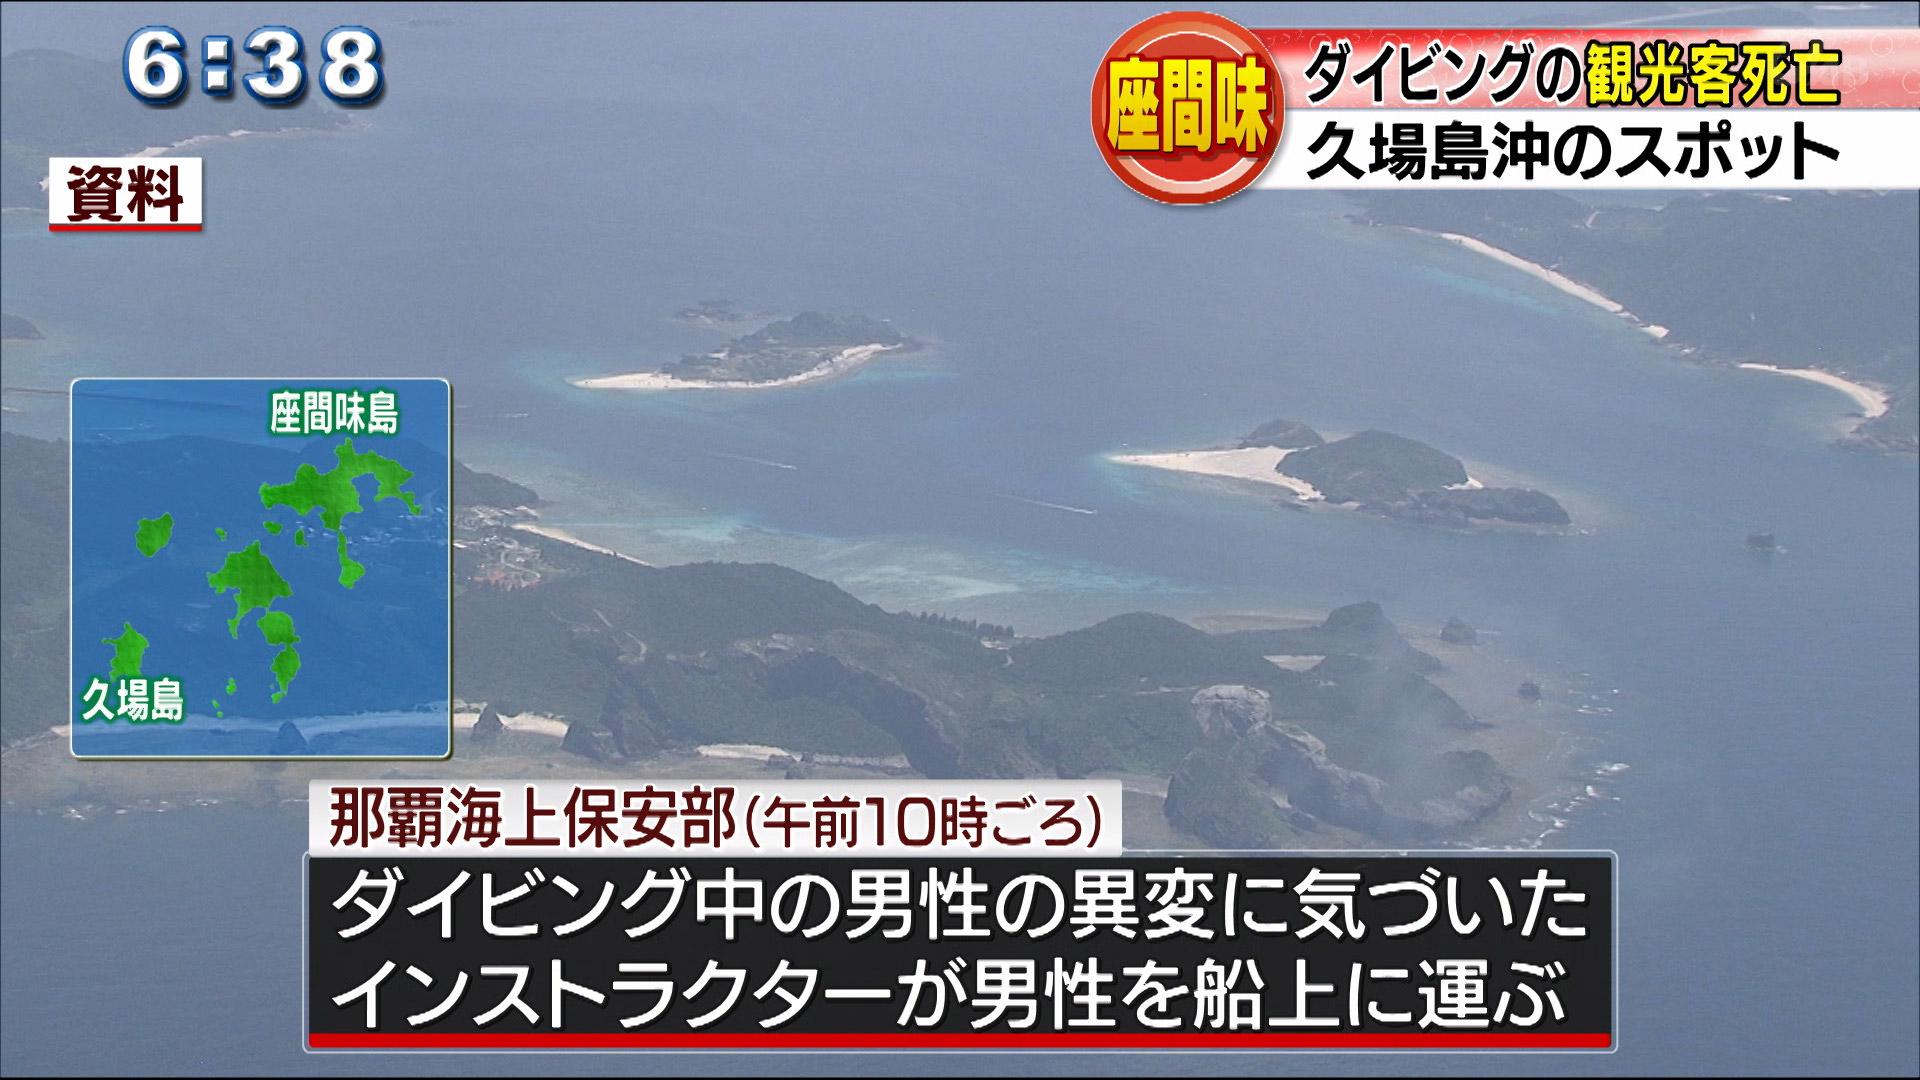 座間味村 ダイビングをしていた観光客が死亡